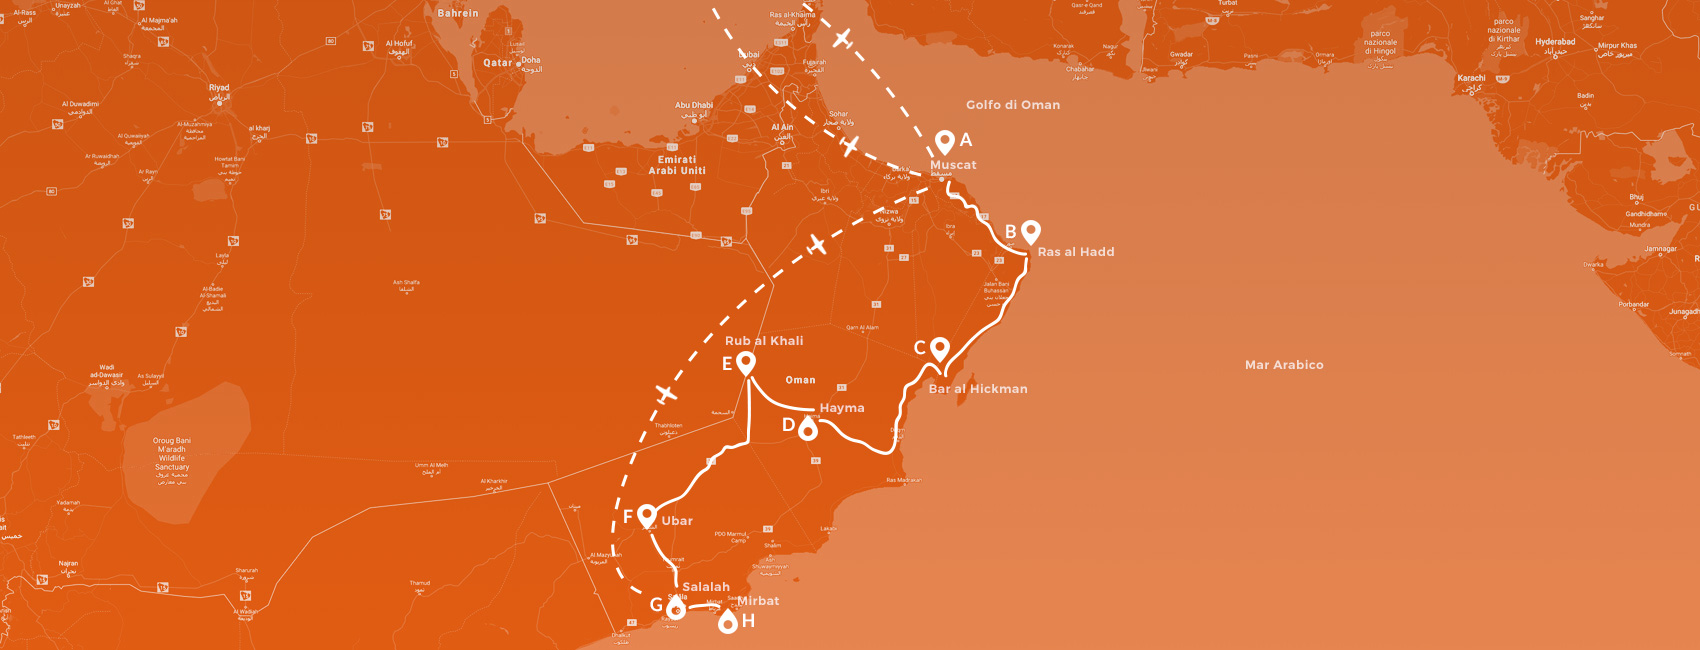 Maps - Oman - Rub al Khali